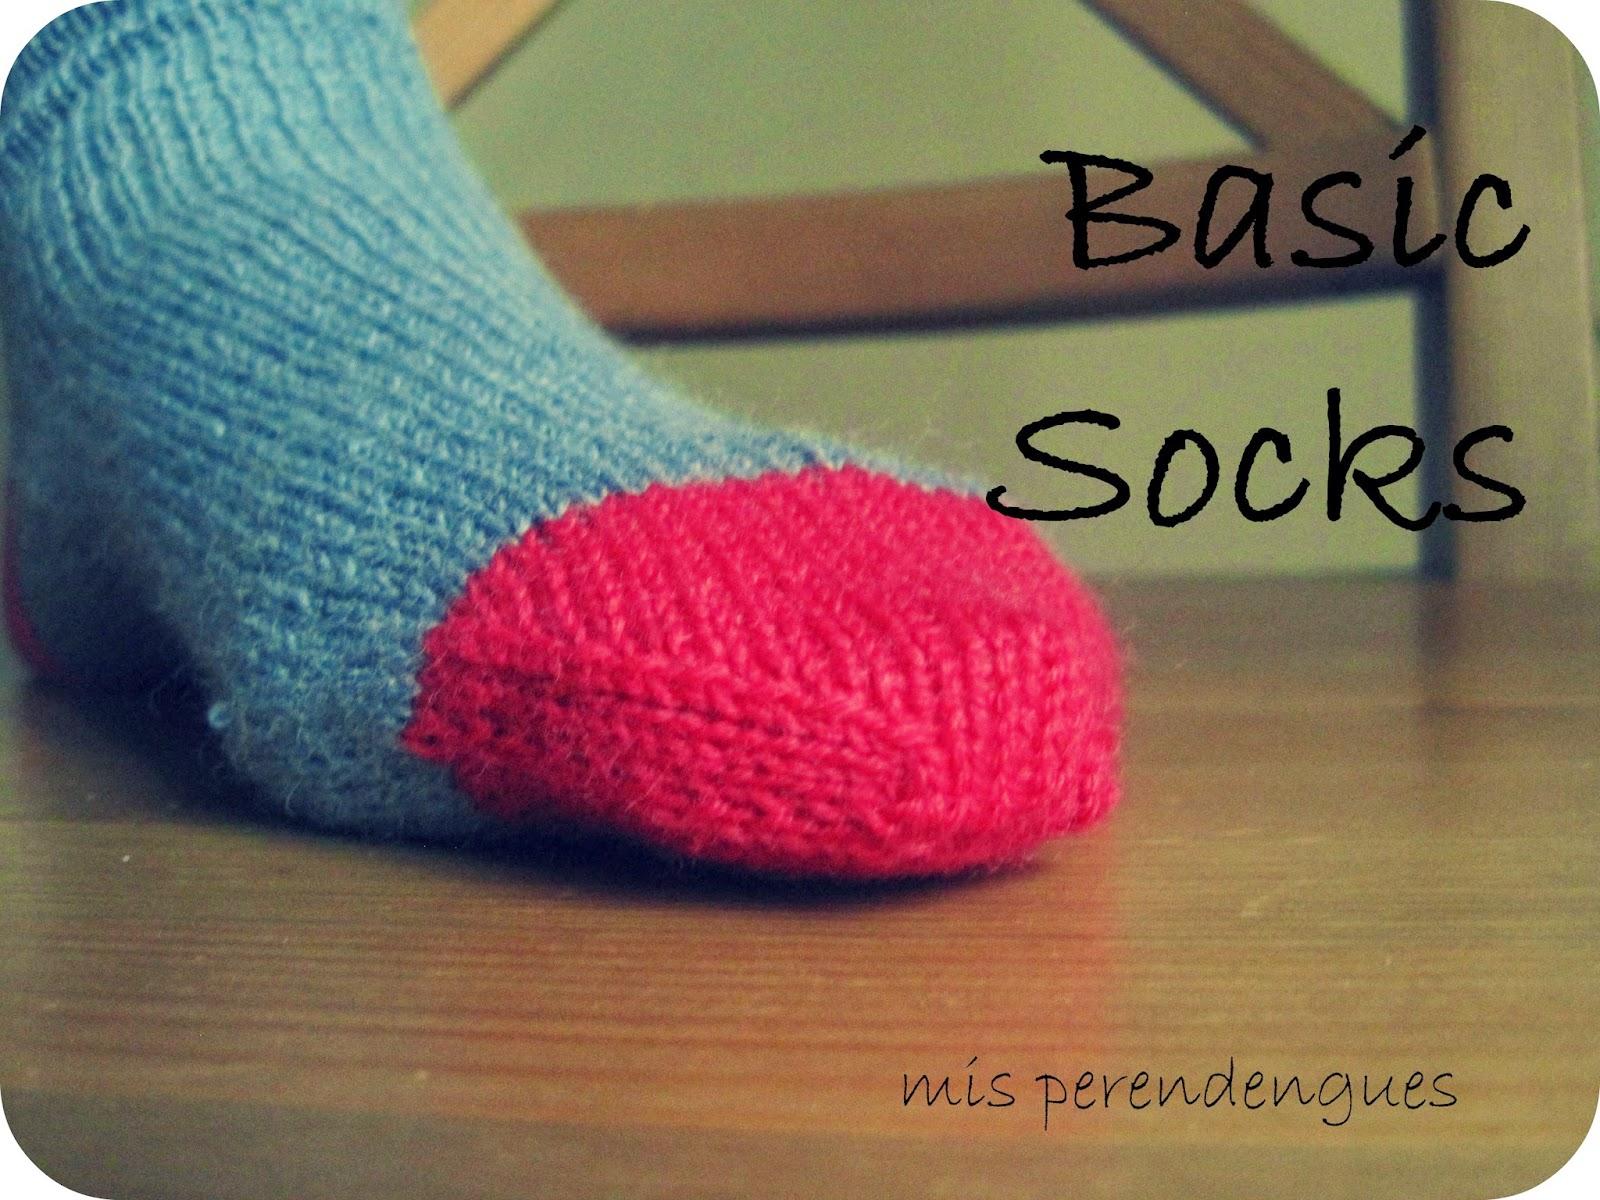 Mis perendengues mi primer patr n de calcetines b sicos - Como hacer talon de calcetines de lana ...